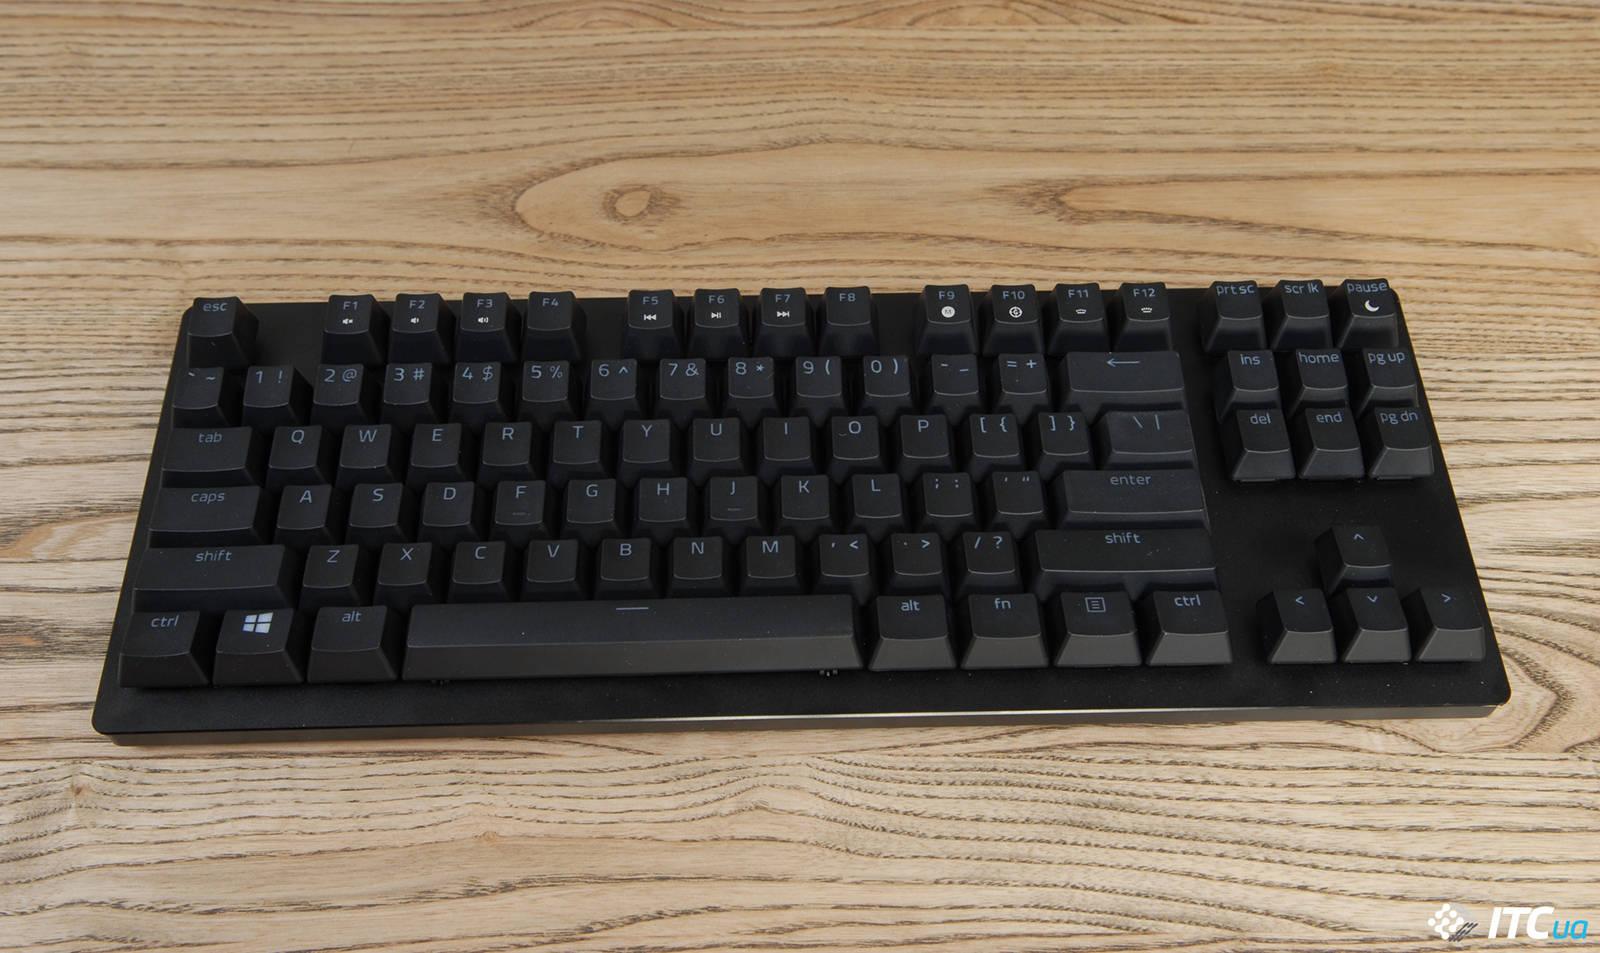 Клавиатура Razer Huntsman Tournament Edition. Фото 3